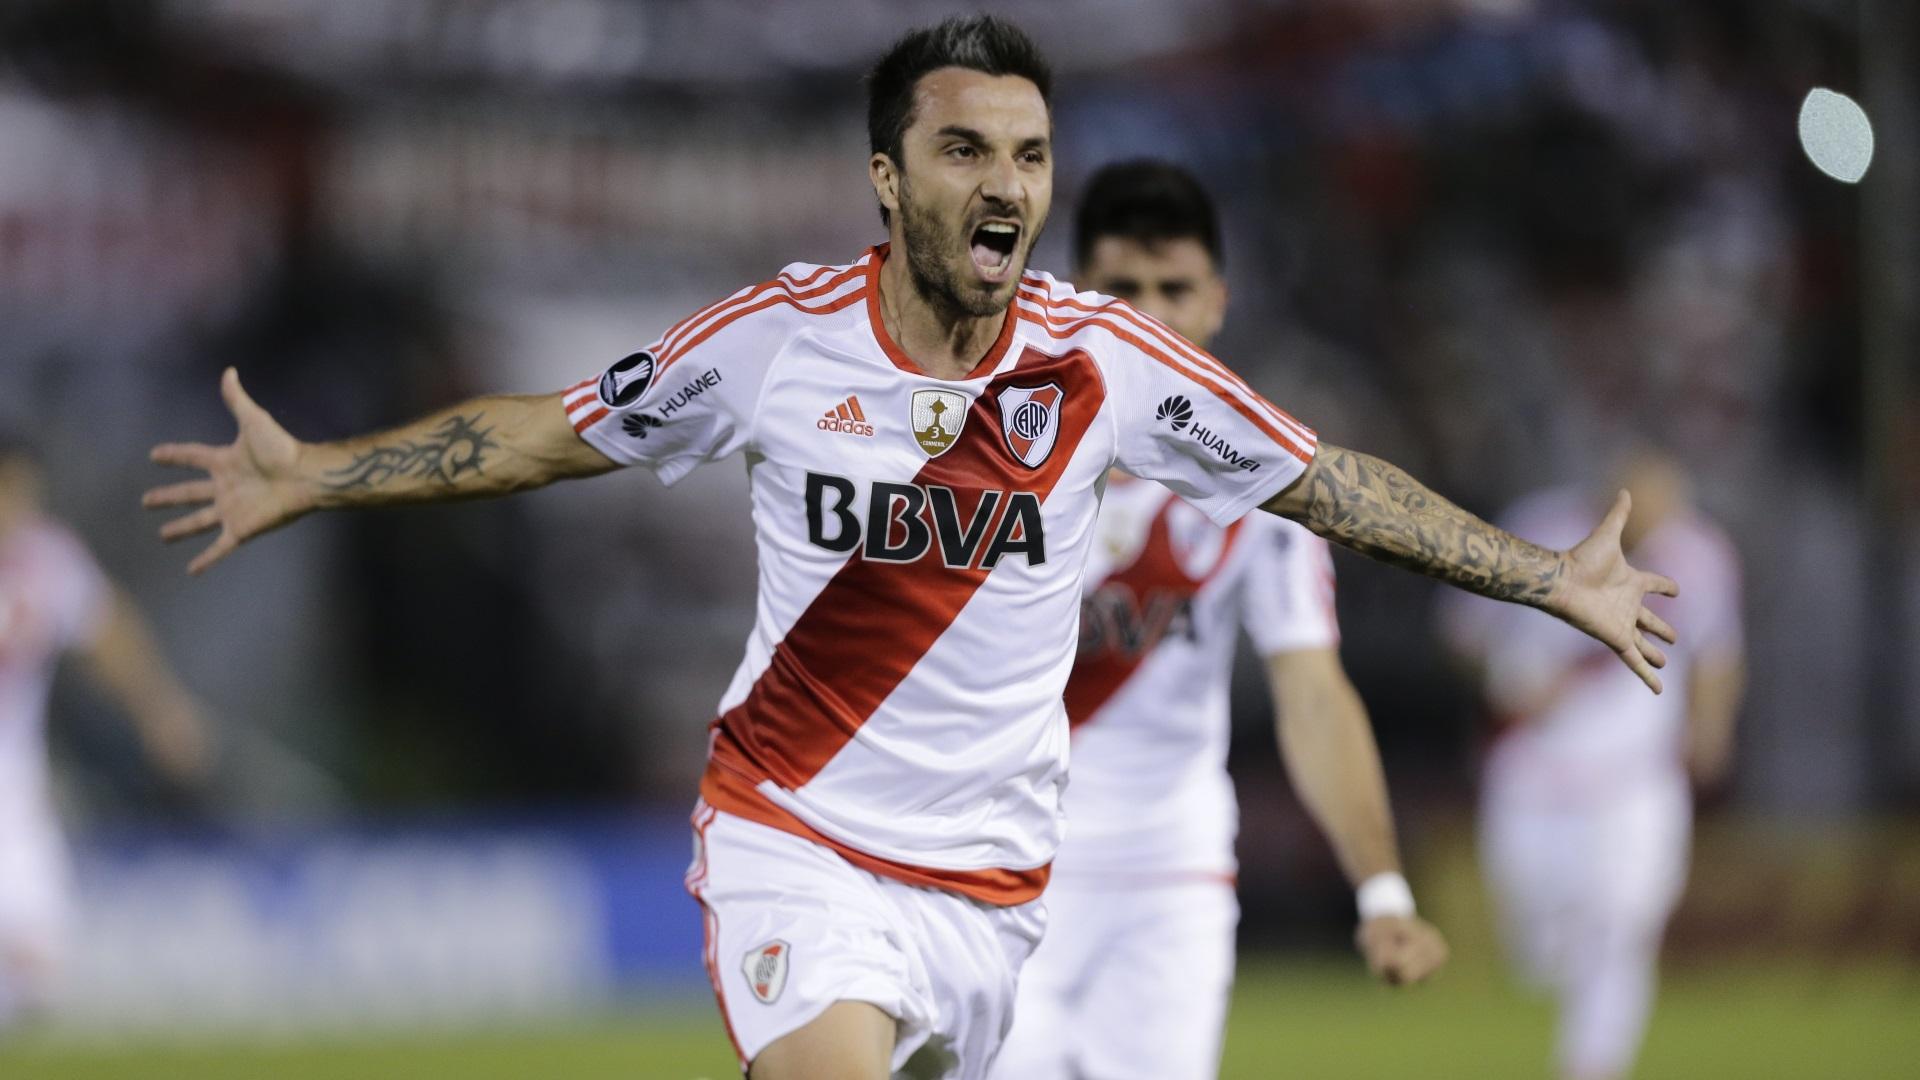 Scocco debutó con un gol en Paraguay (AP)